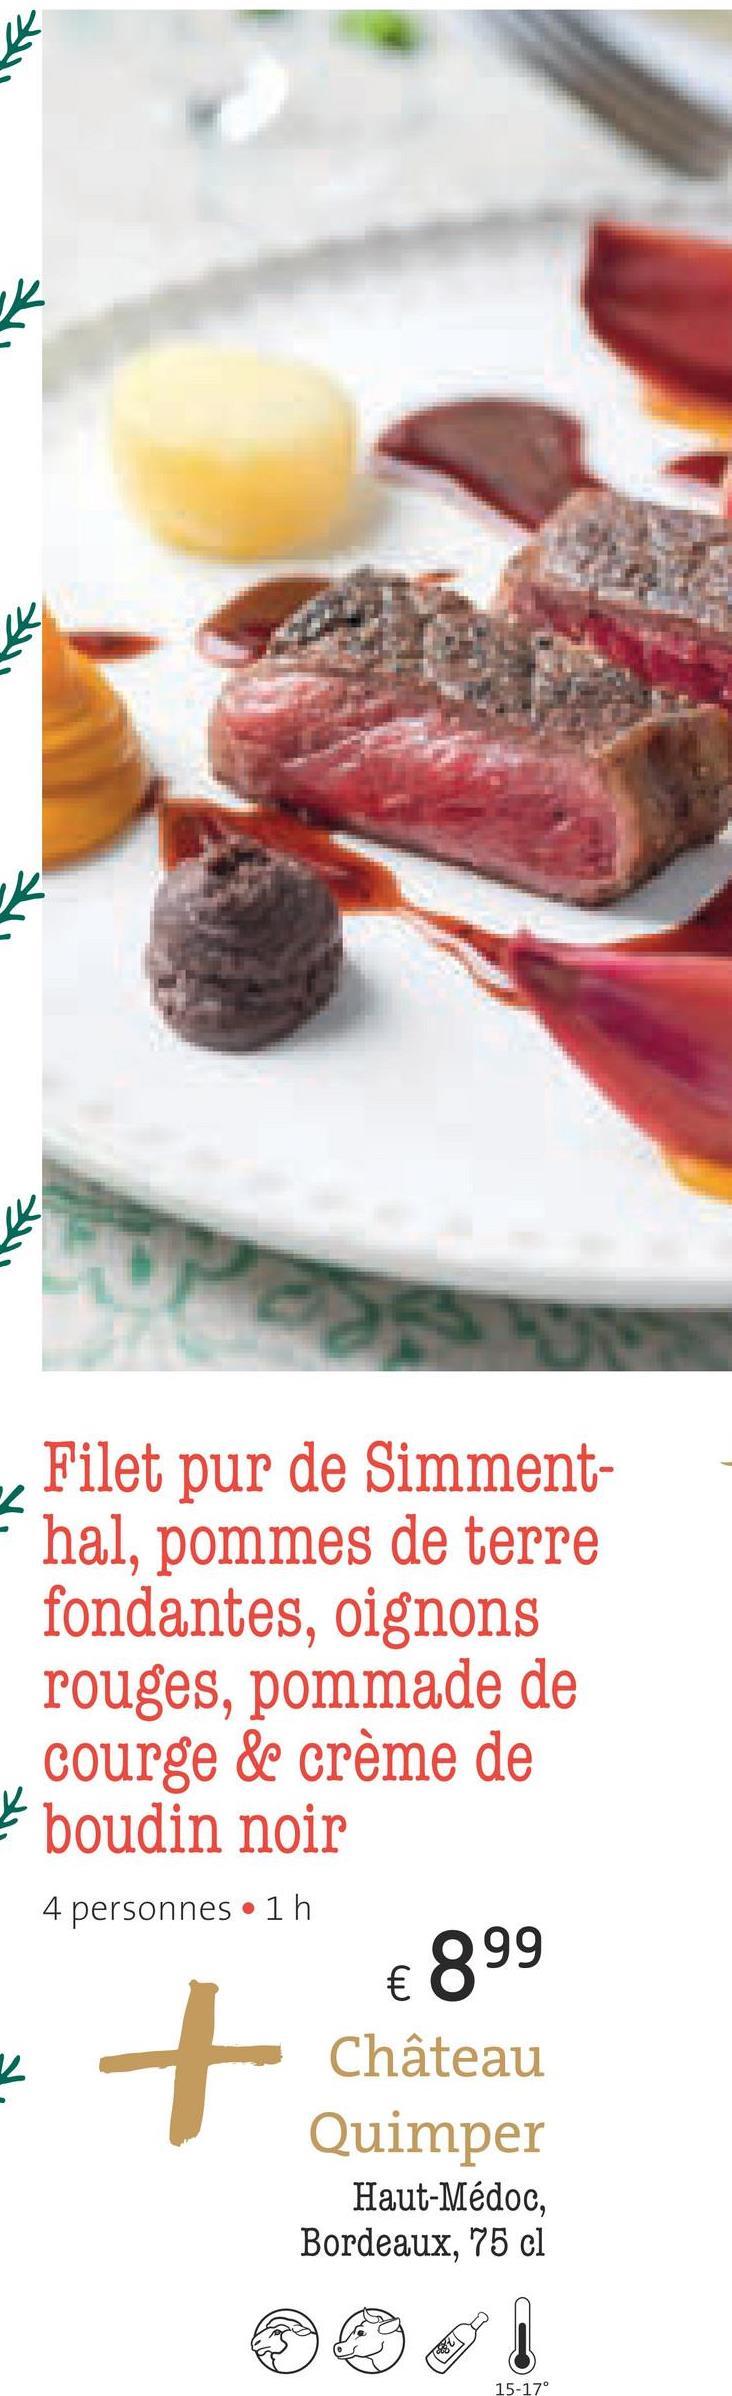 - Filet pur de Simment- hal, pommes de terre fondantes, oignons rouges, pommade de courge de crème de boudin noir 4 personnes • 1 h € 899 Château Quimper Haut-Médoc, Bordeaux, 75 cl & 15-17°